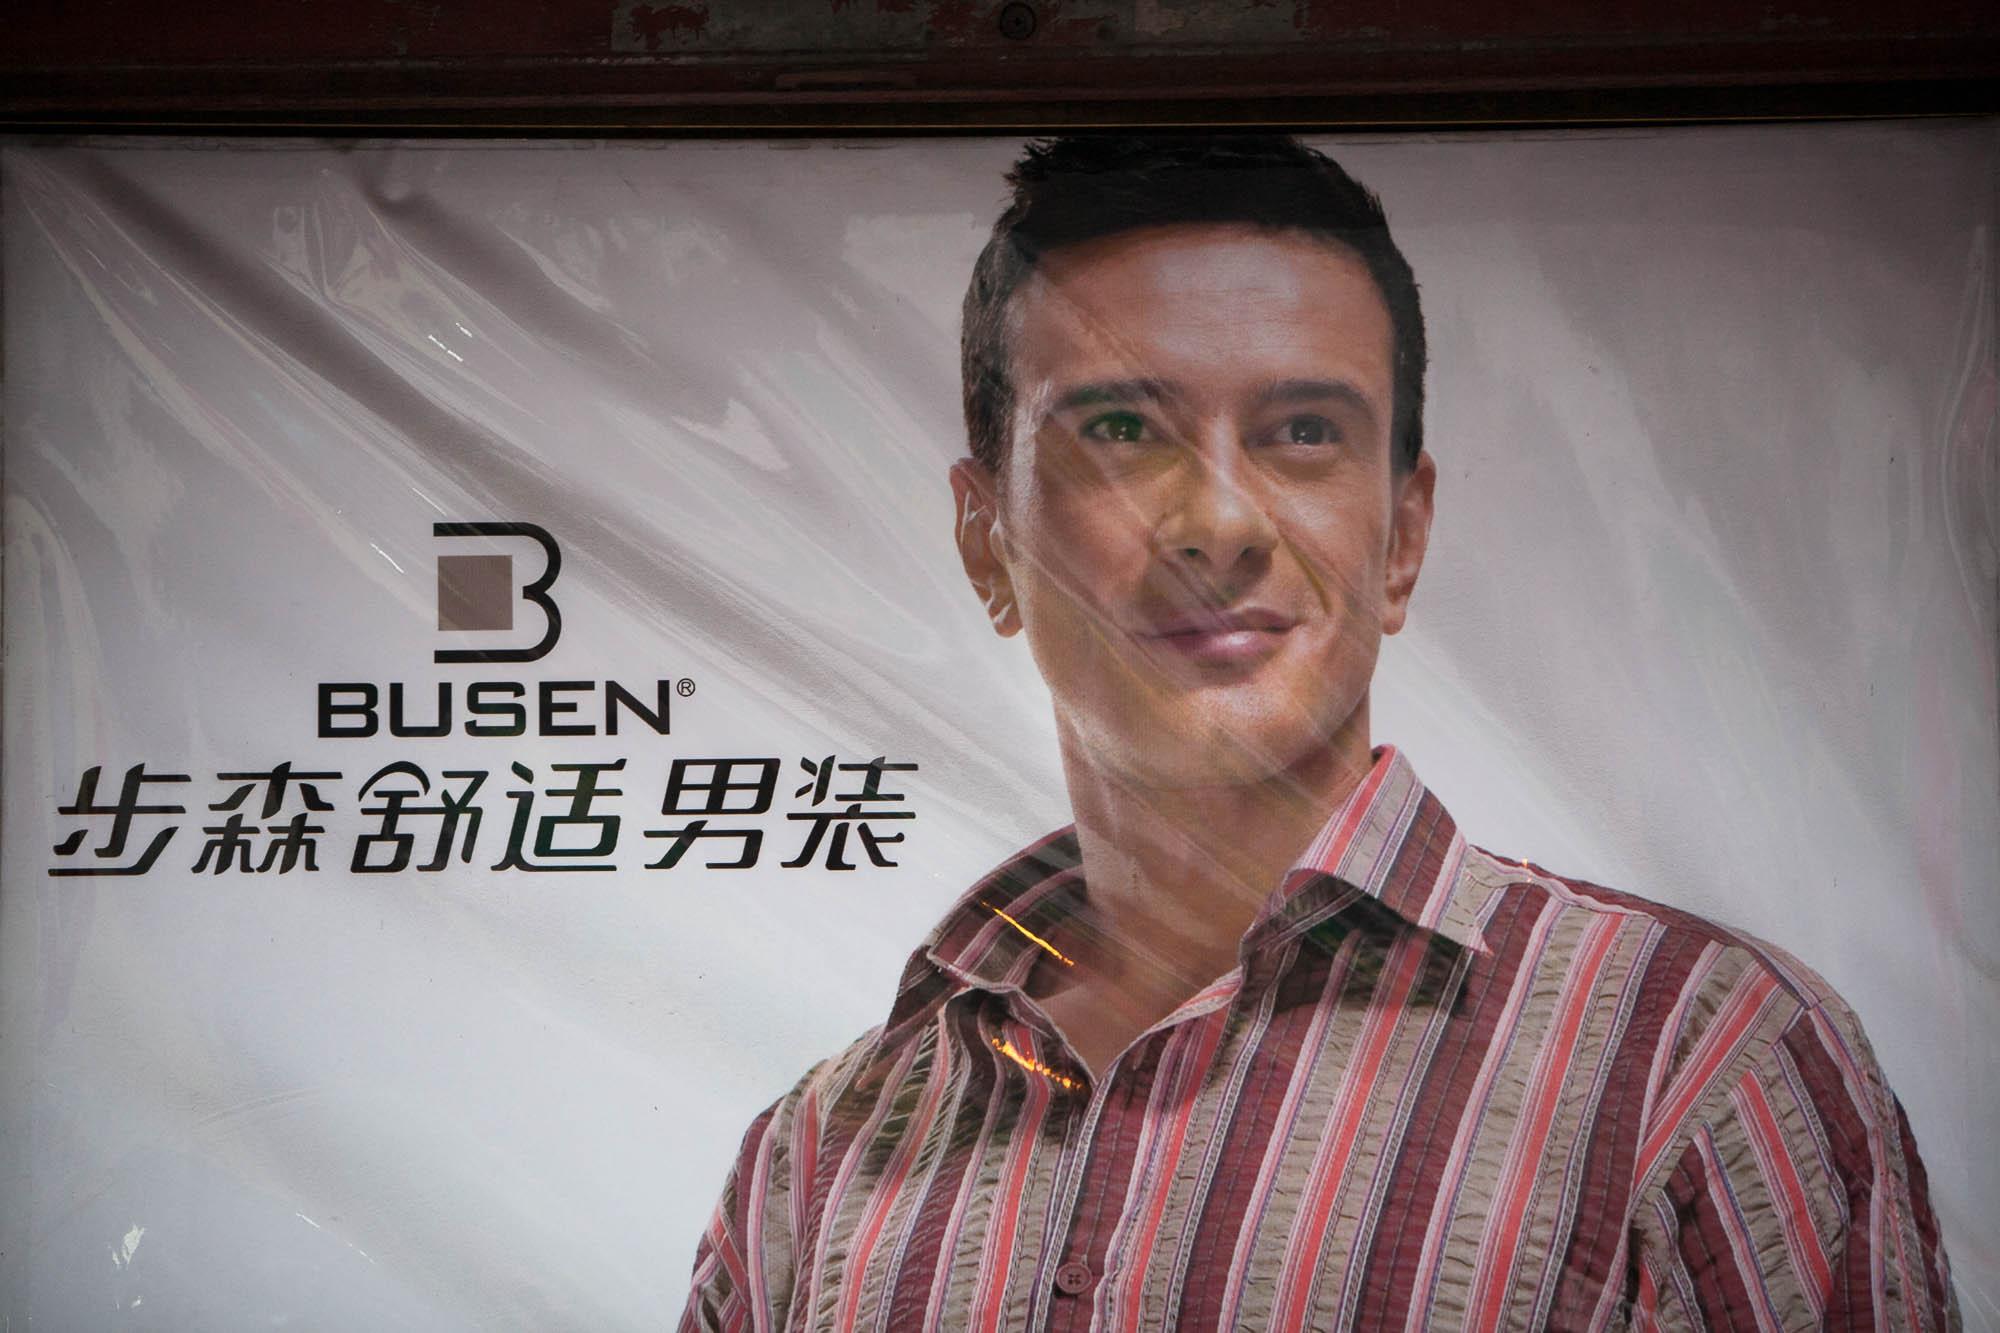 more Busen